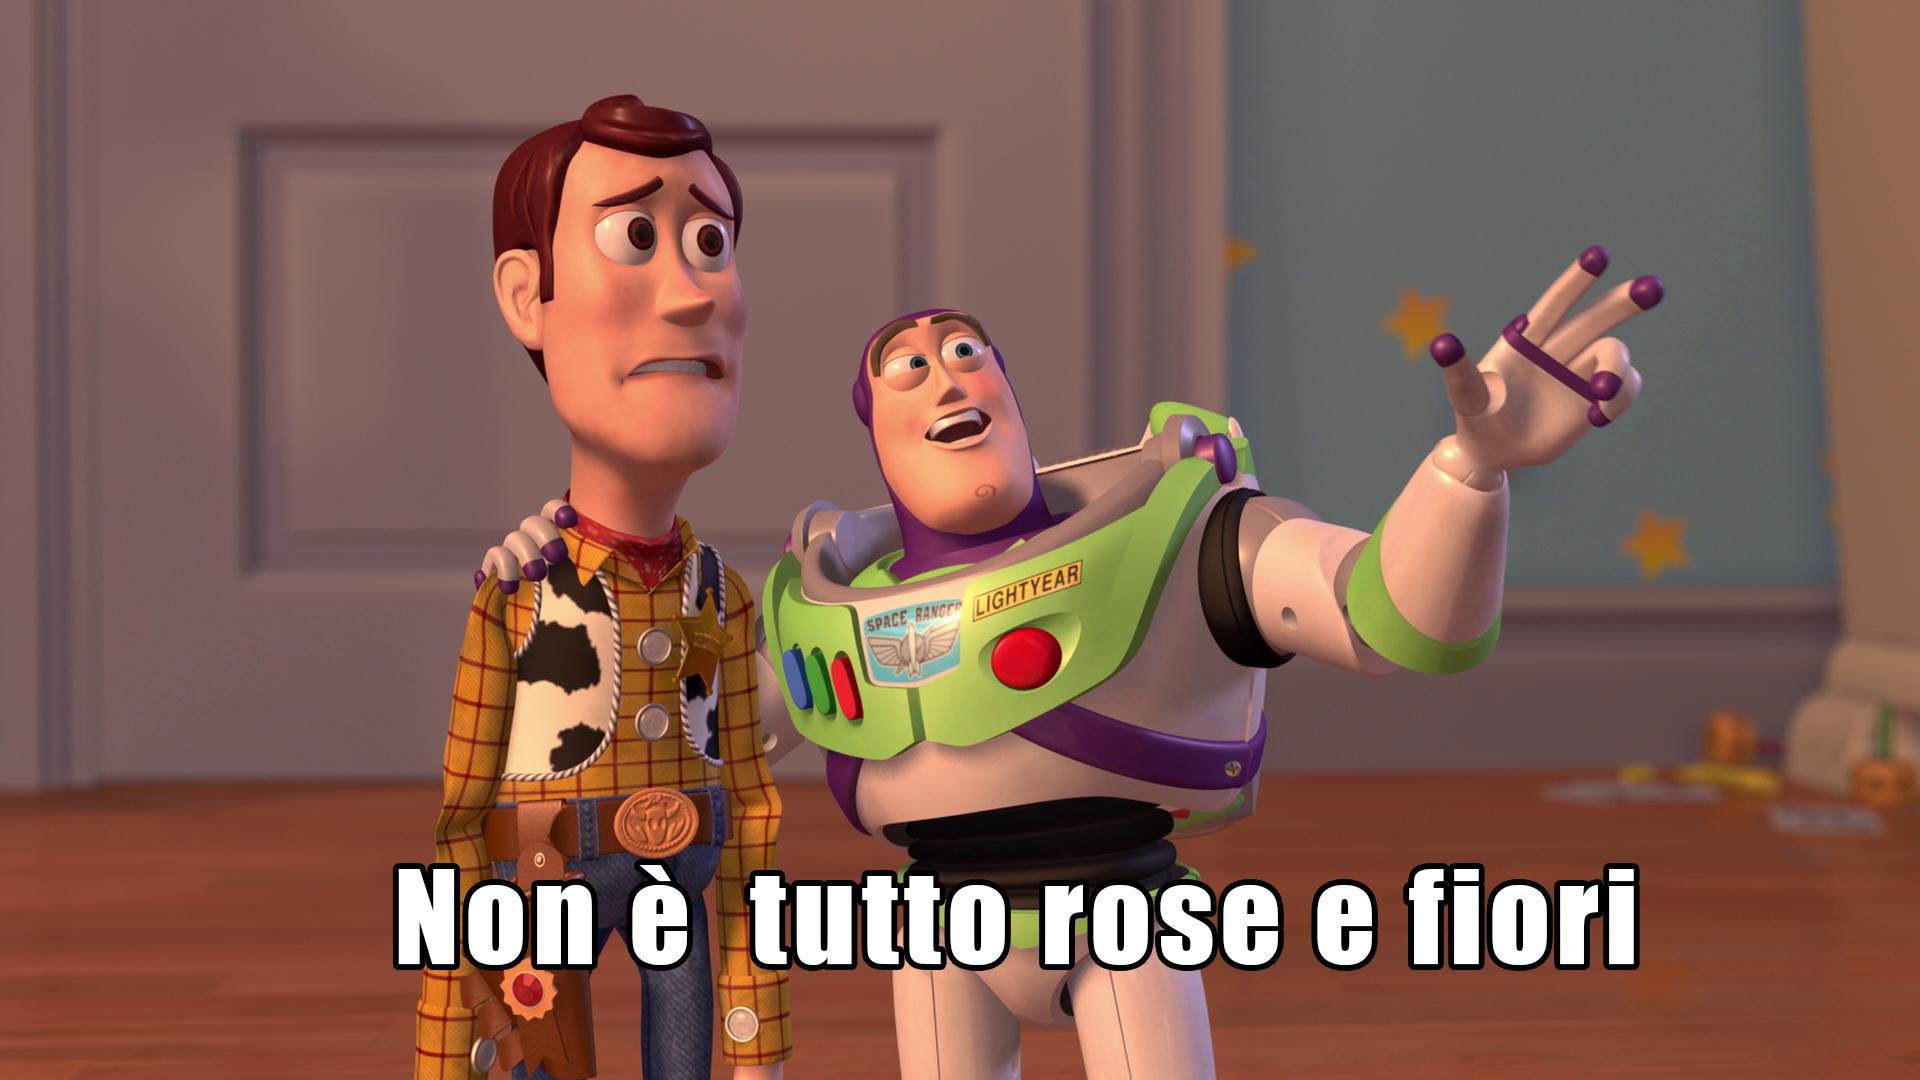 """Come si traduce """"Non è tutto rose è fiori"""" in inglese?"""